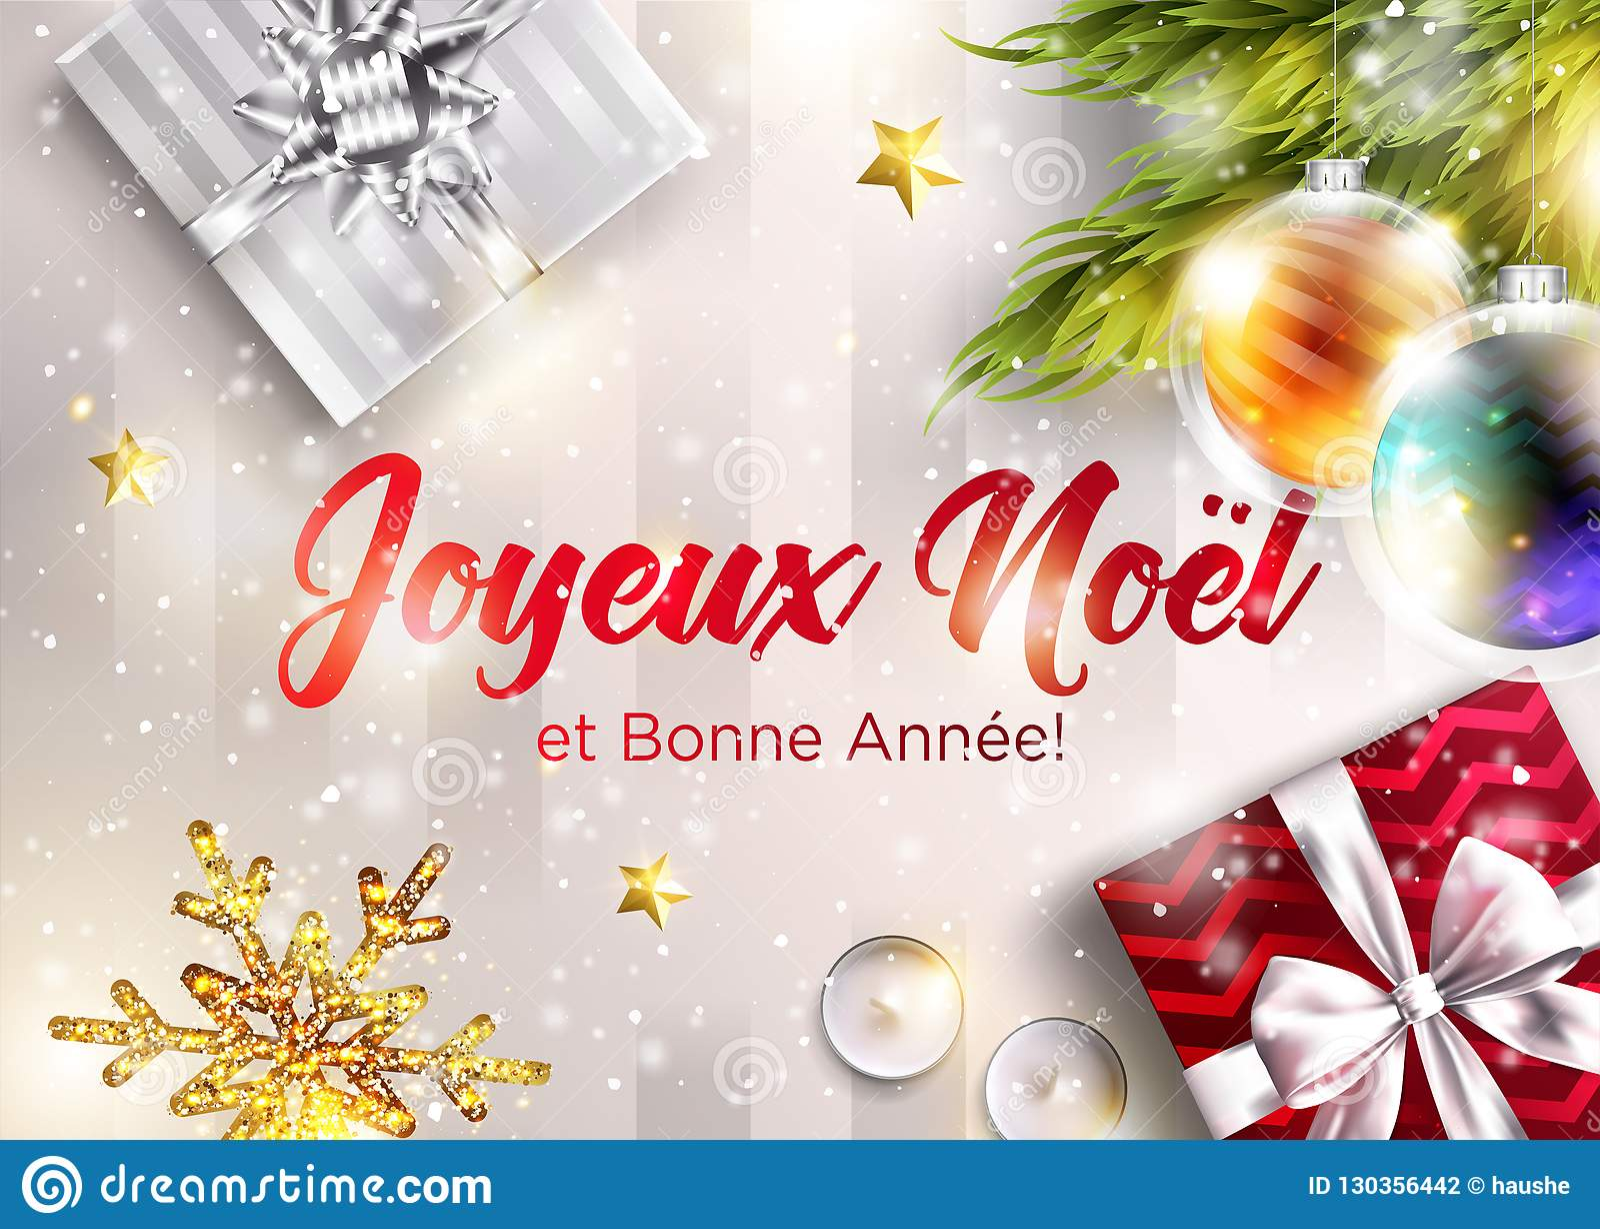 Frohe Weihnachten Guten Rutsch Ins Neue Jahr.Joyeux Noel Und Bonne Annee Frohe Weihnachten Und Guten Rutsch Ins